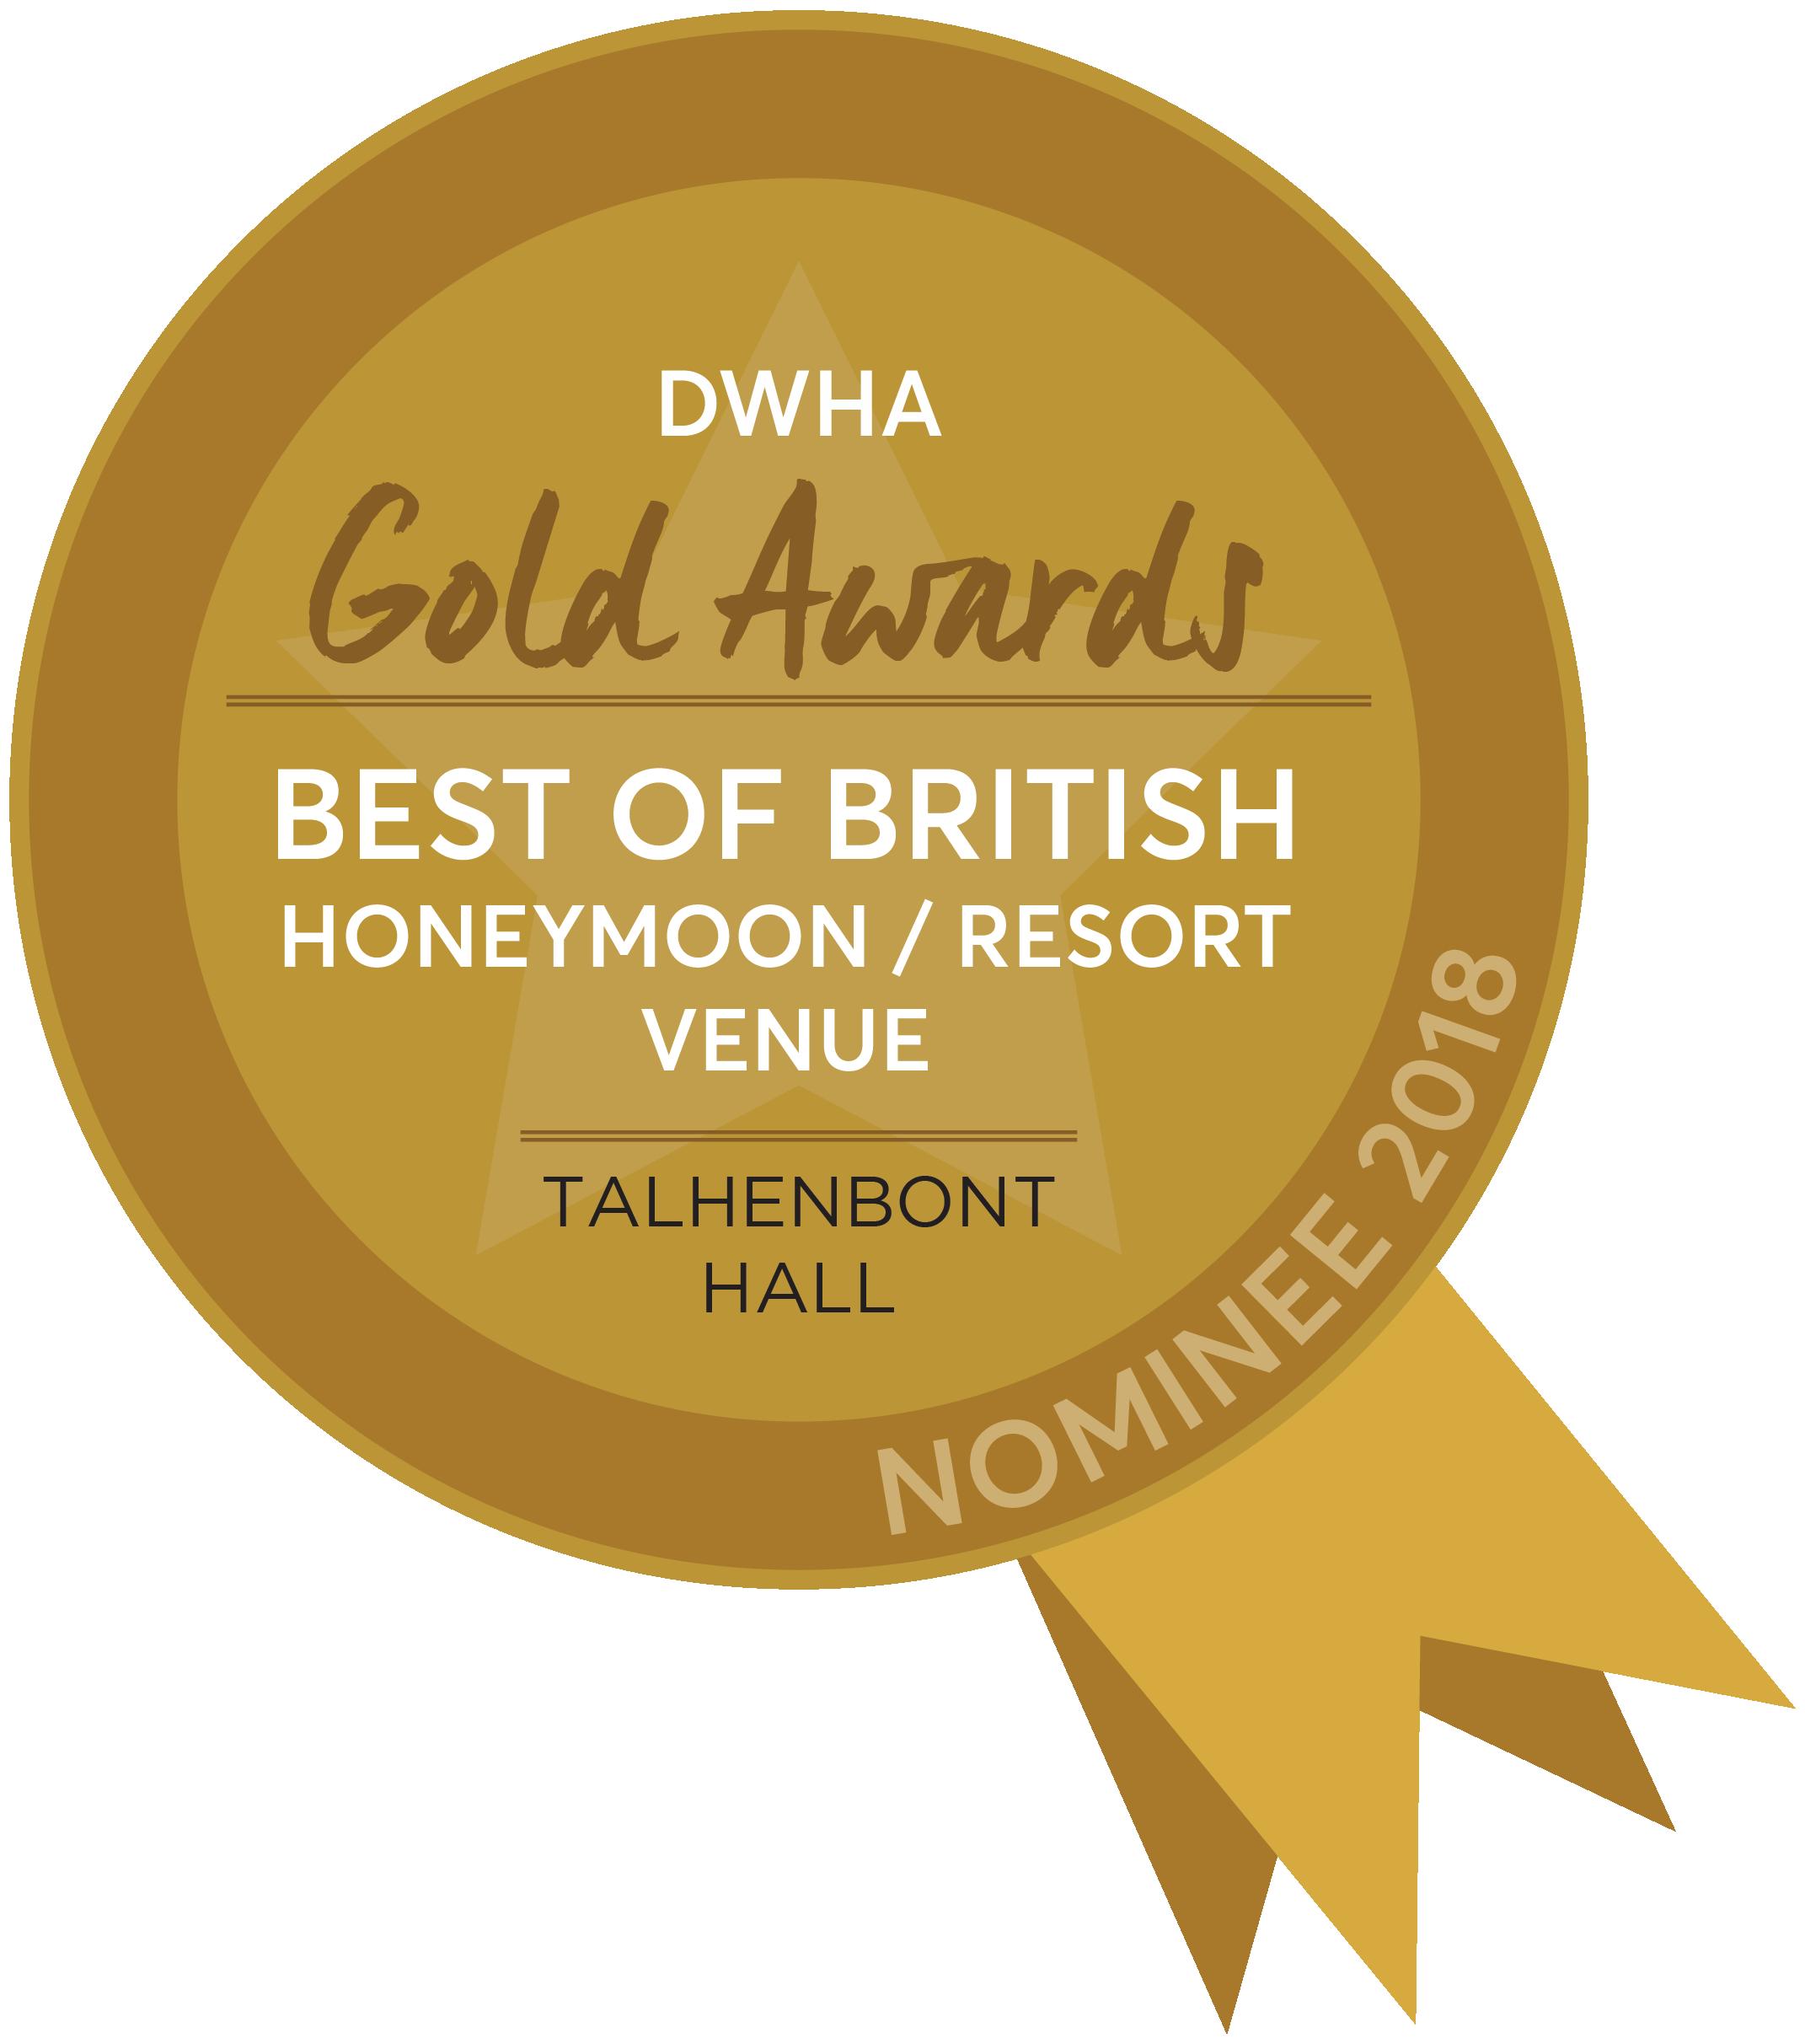 DWHA Gold Award 2018